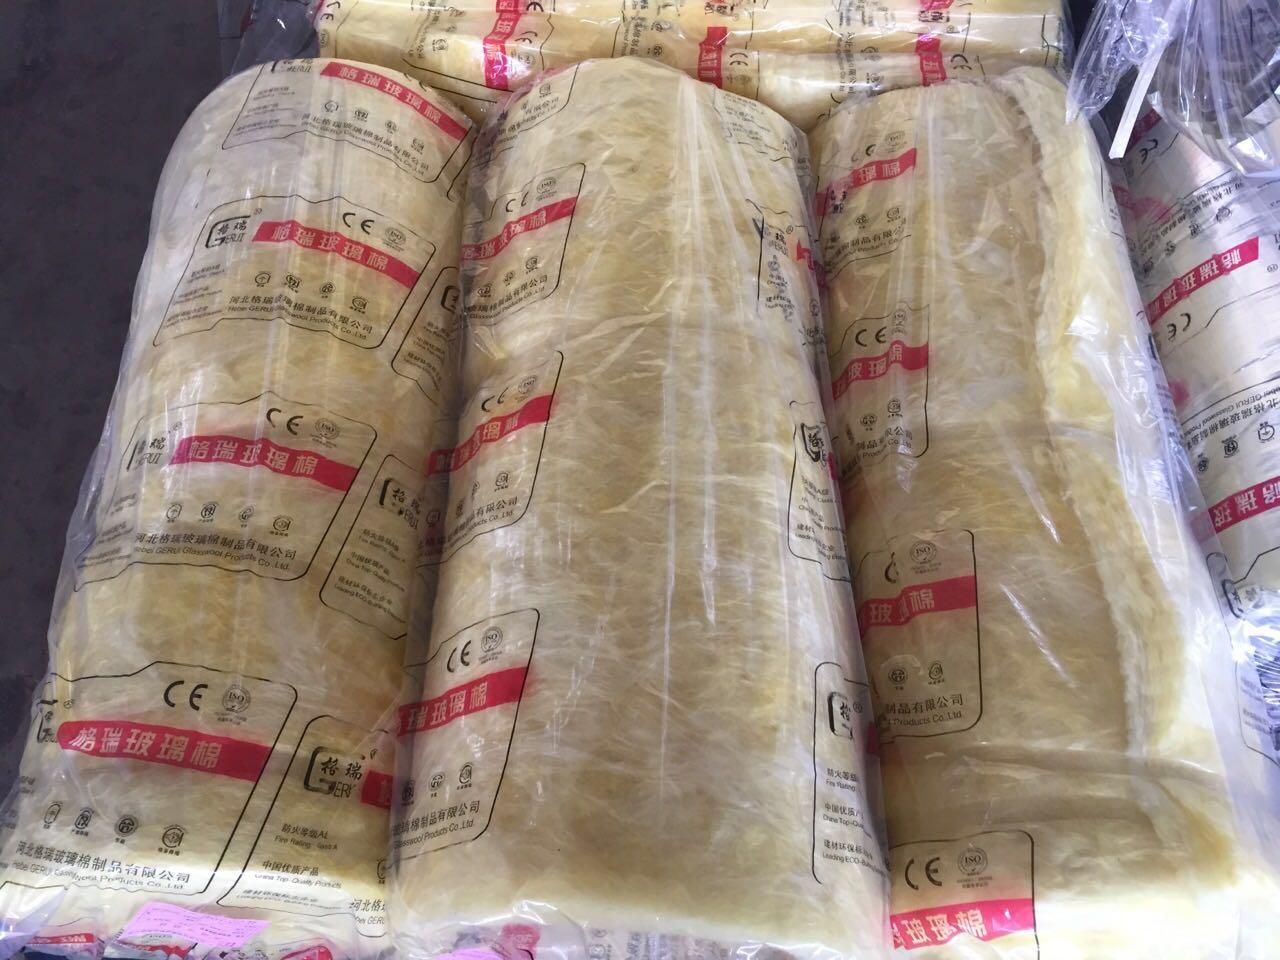 廊坊划算的离心玻璃棉出售-玻璃棉容重小、导热系数低